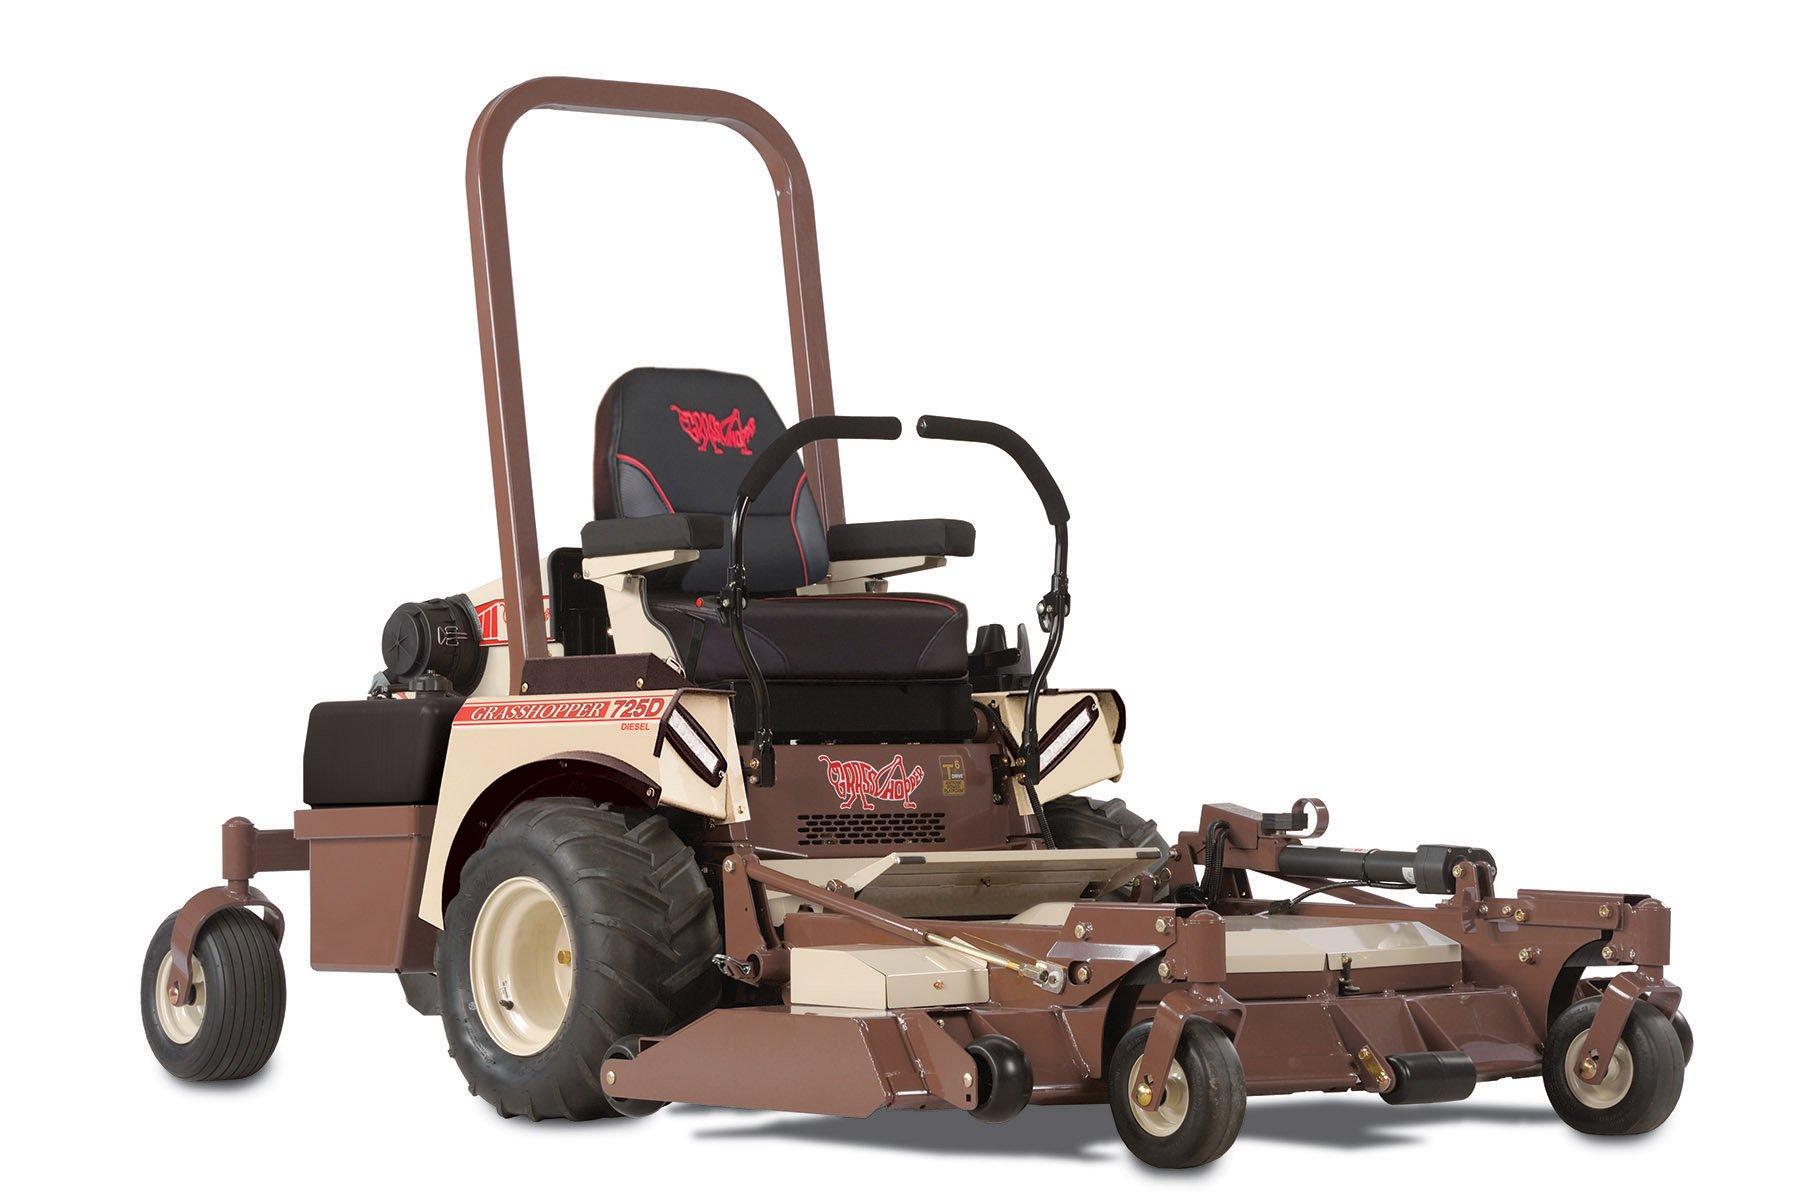 532127 Grasshopper 725DT6 Diesel Front Mount Mower - 61